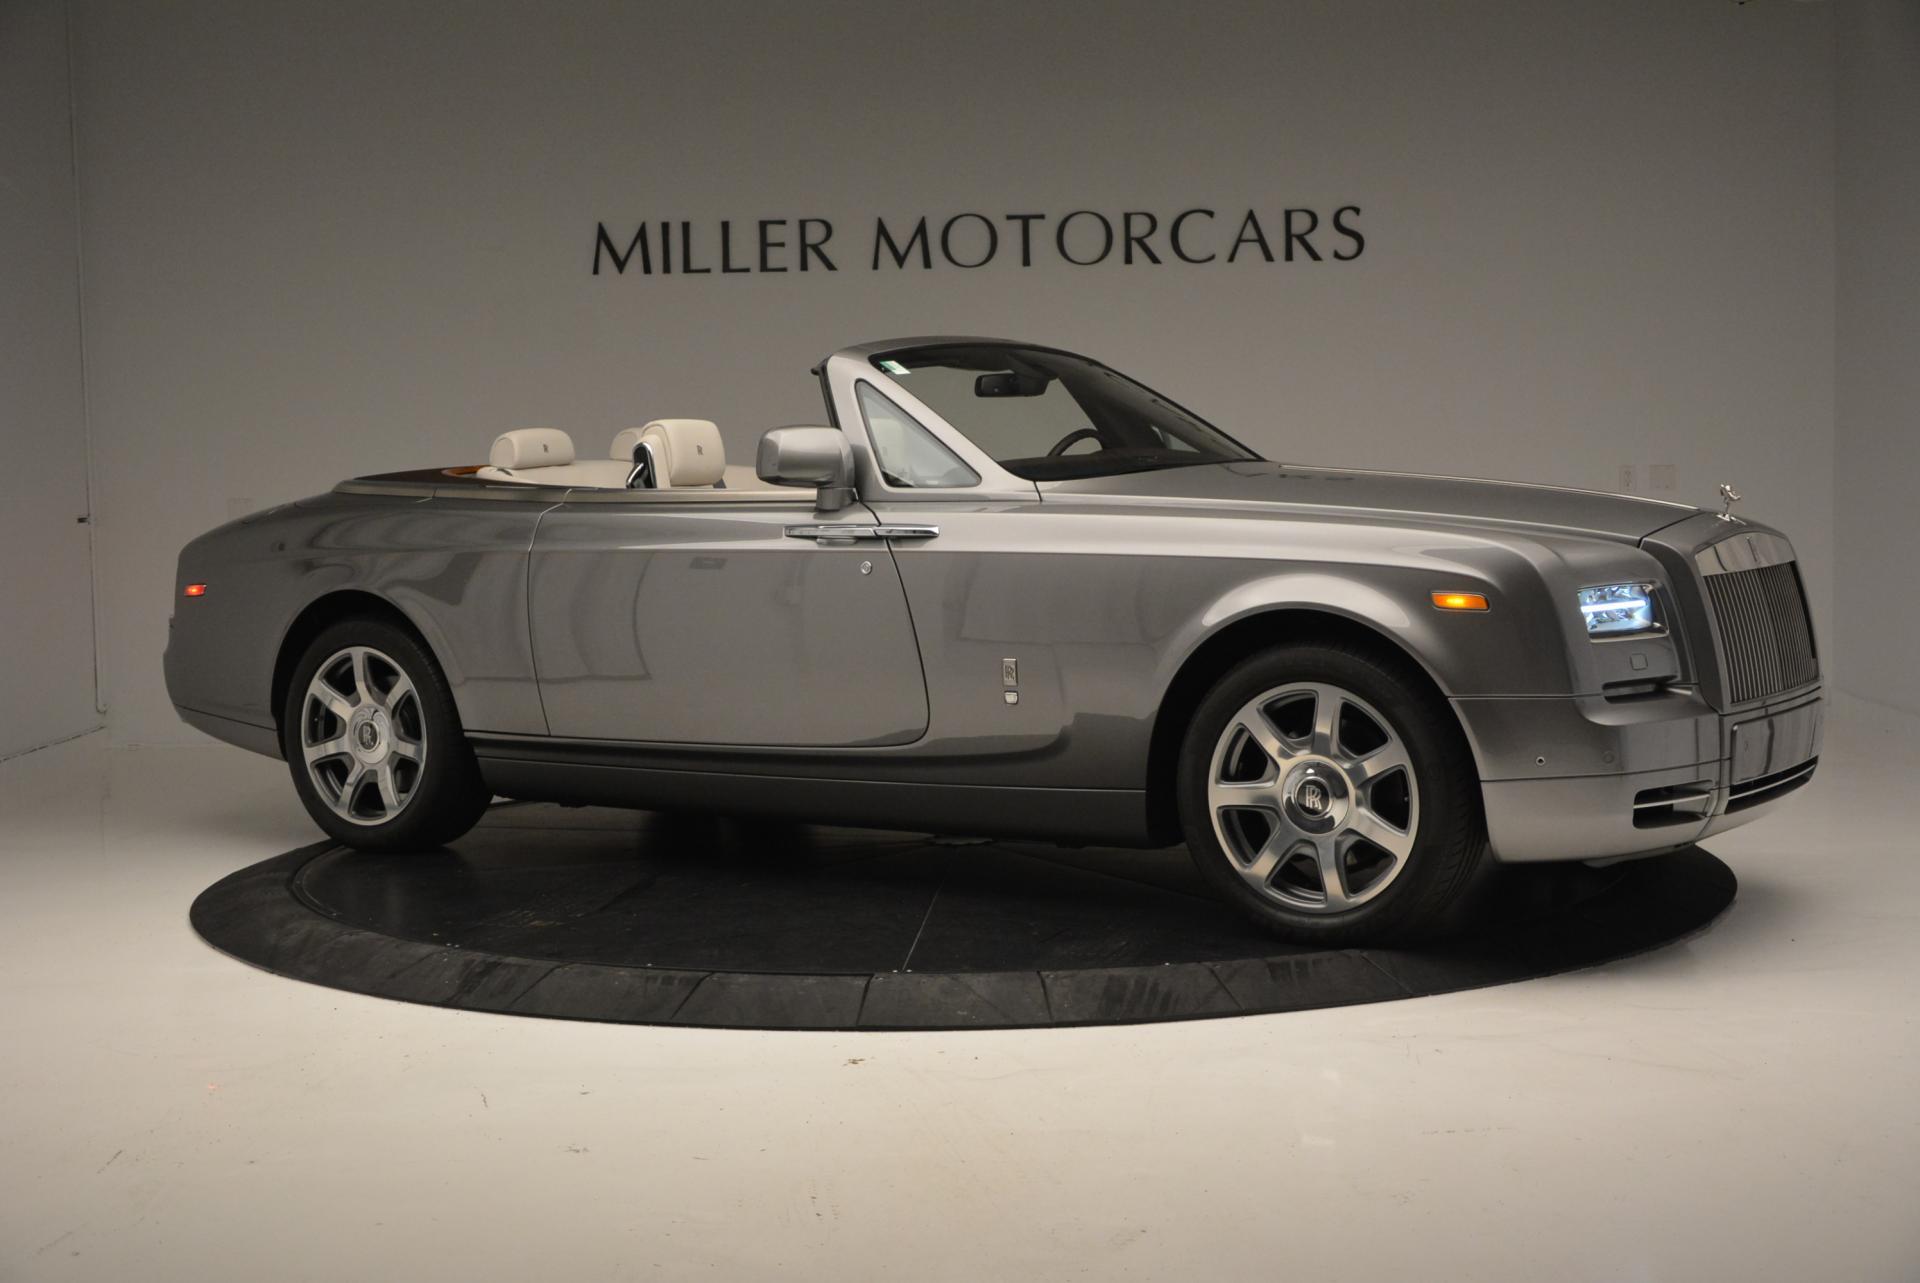 Used 2015 Rolls-Royce Phantom Drophead Coupe  For Sale In Westport, CT 554_p10